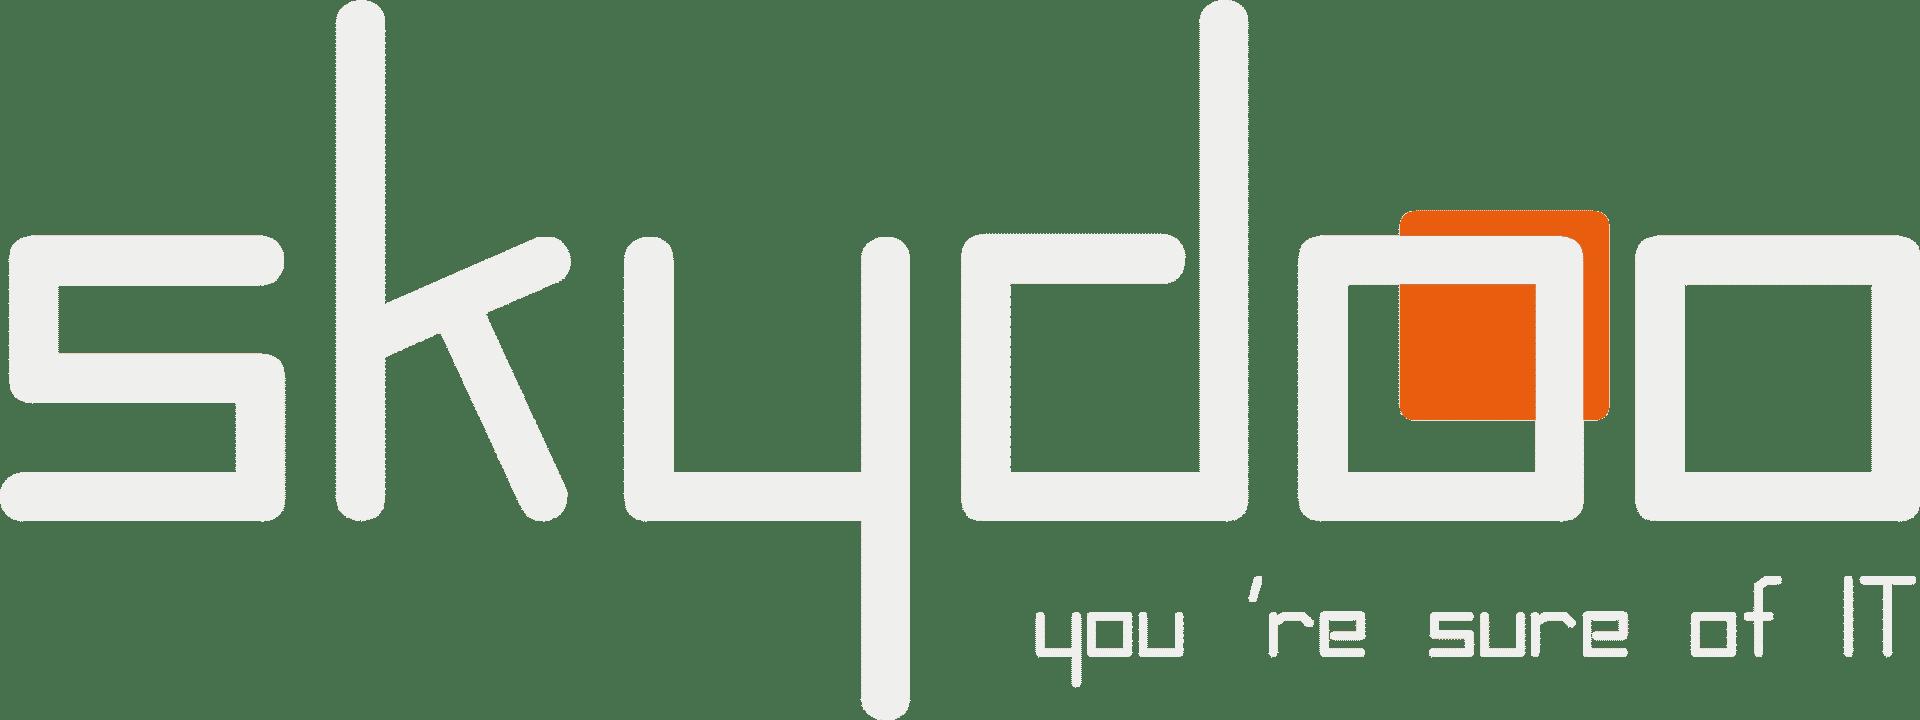 Logo de Skydoo Light